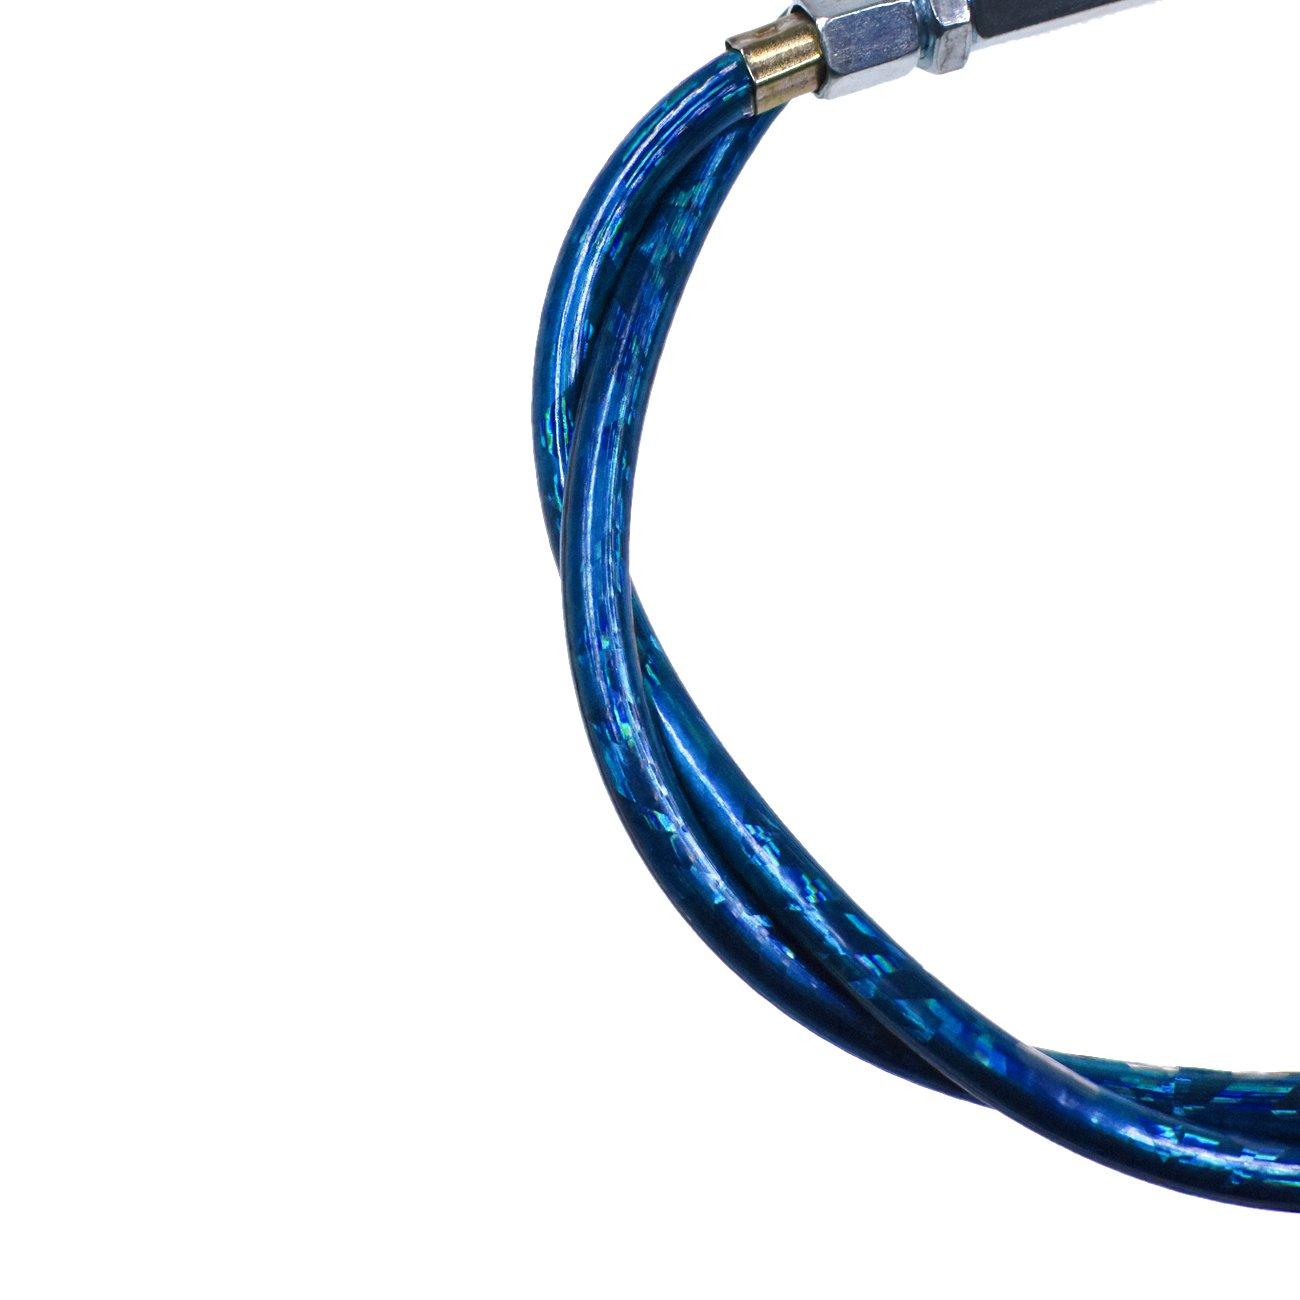 jrl 96 cm - Cable de embrague para 50 cc 70 cc 90 cc 110 cc 125 cc ATV Dirt Pit Bike: Amazon.es: Coche y moto